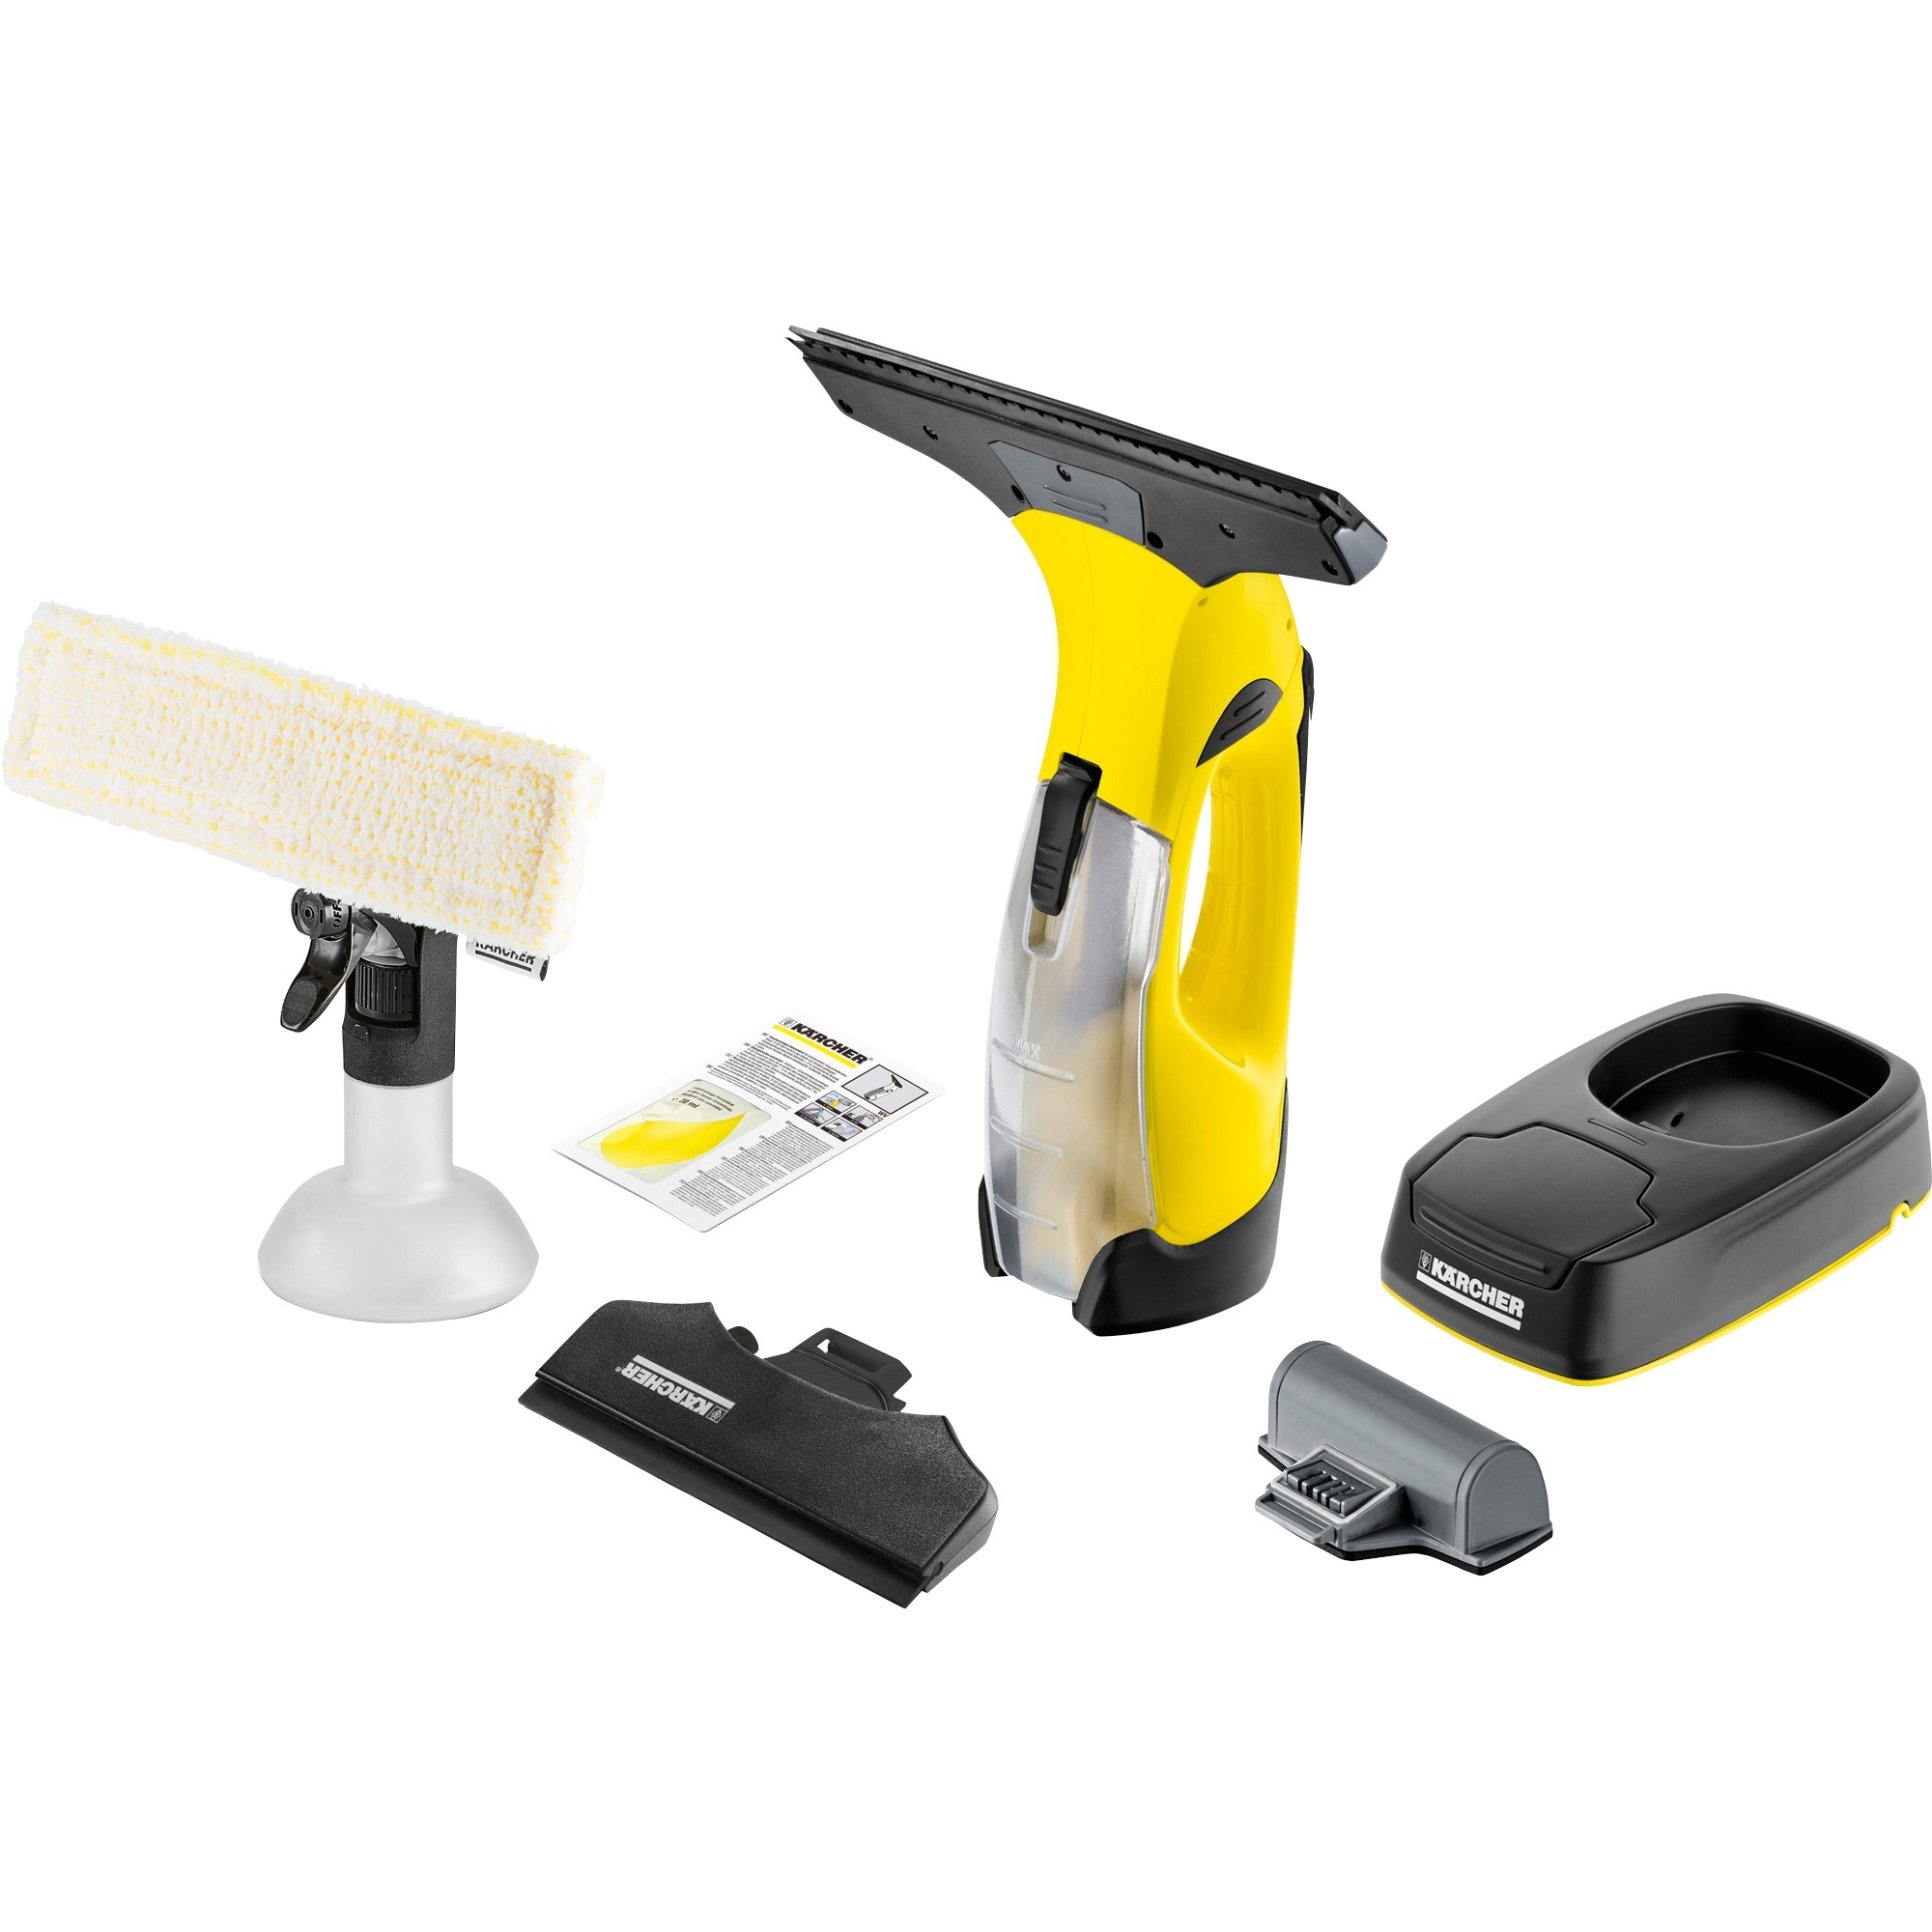 1.633-447.0 Negro, Color blanco, Amarillo utensilio limpiacristales, Aspiradora de ventanas